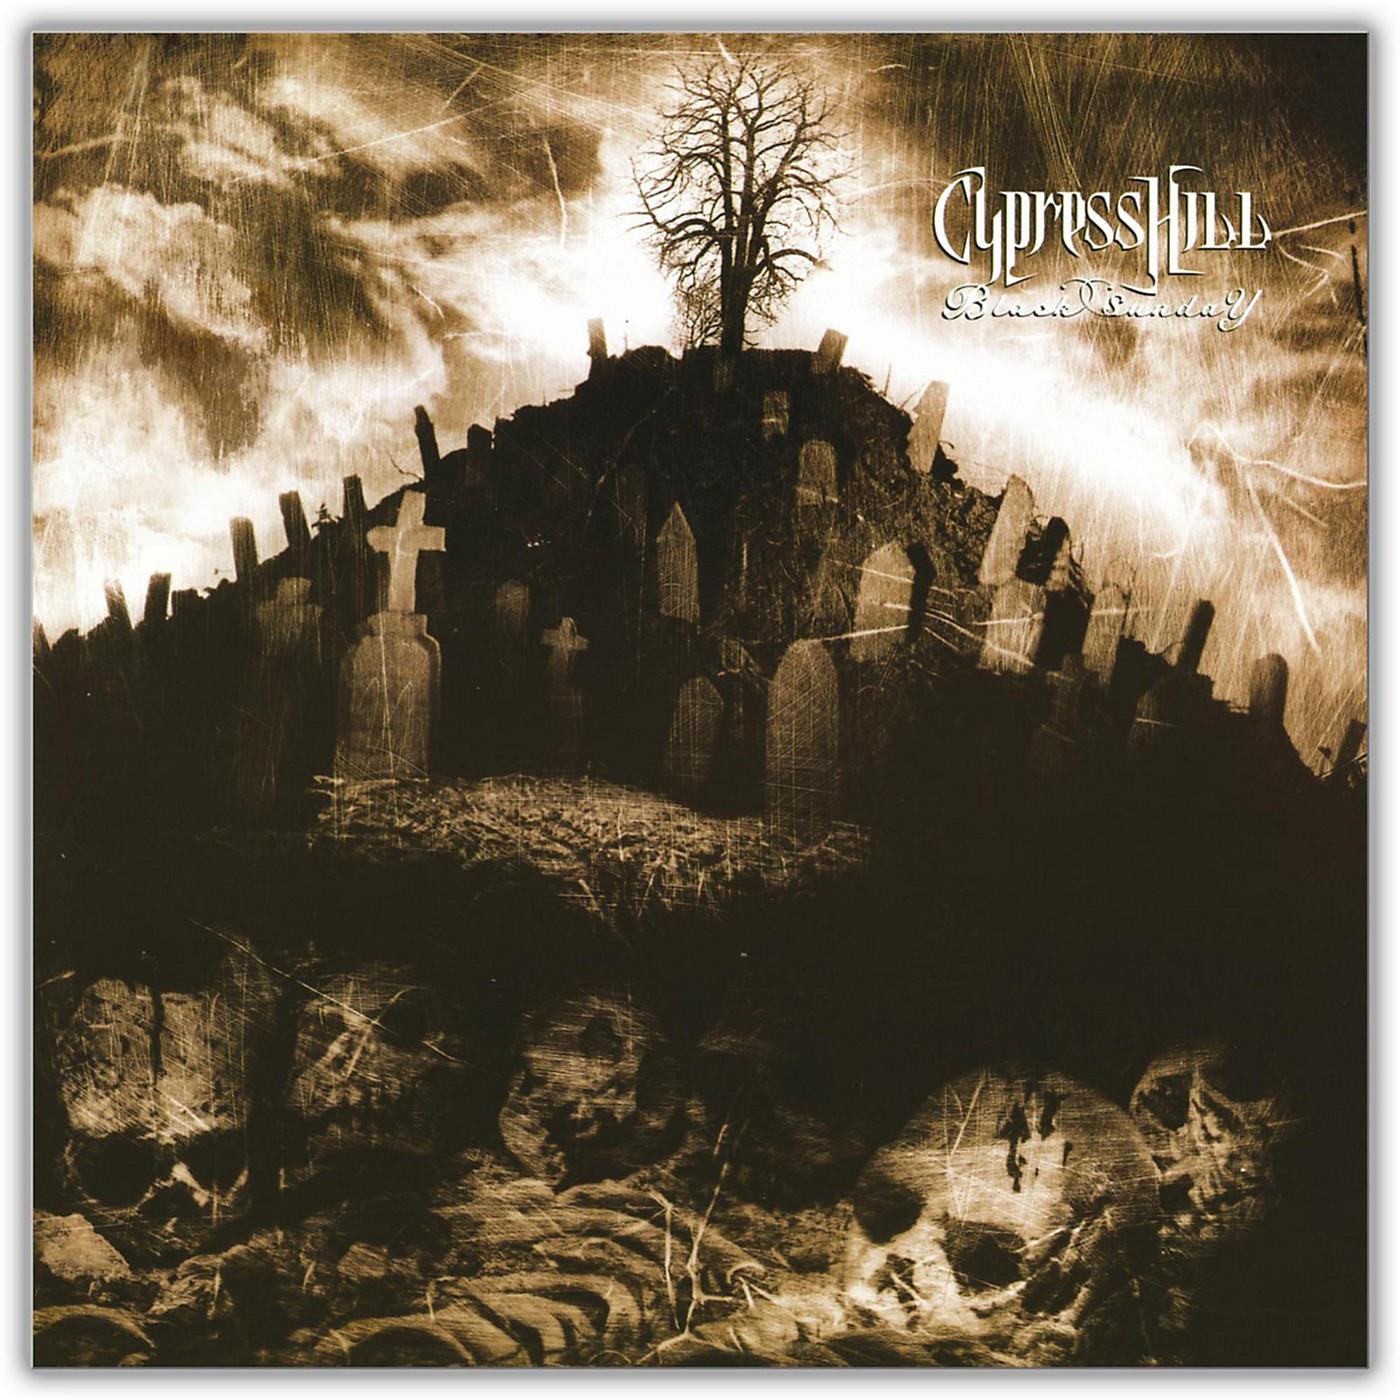 Sony Cypress Hill - Black Sunday Vinyl LP thumbnail